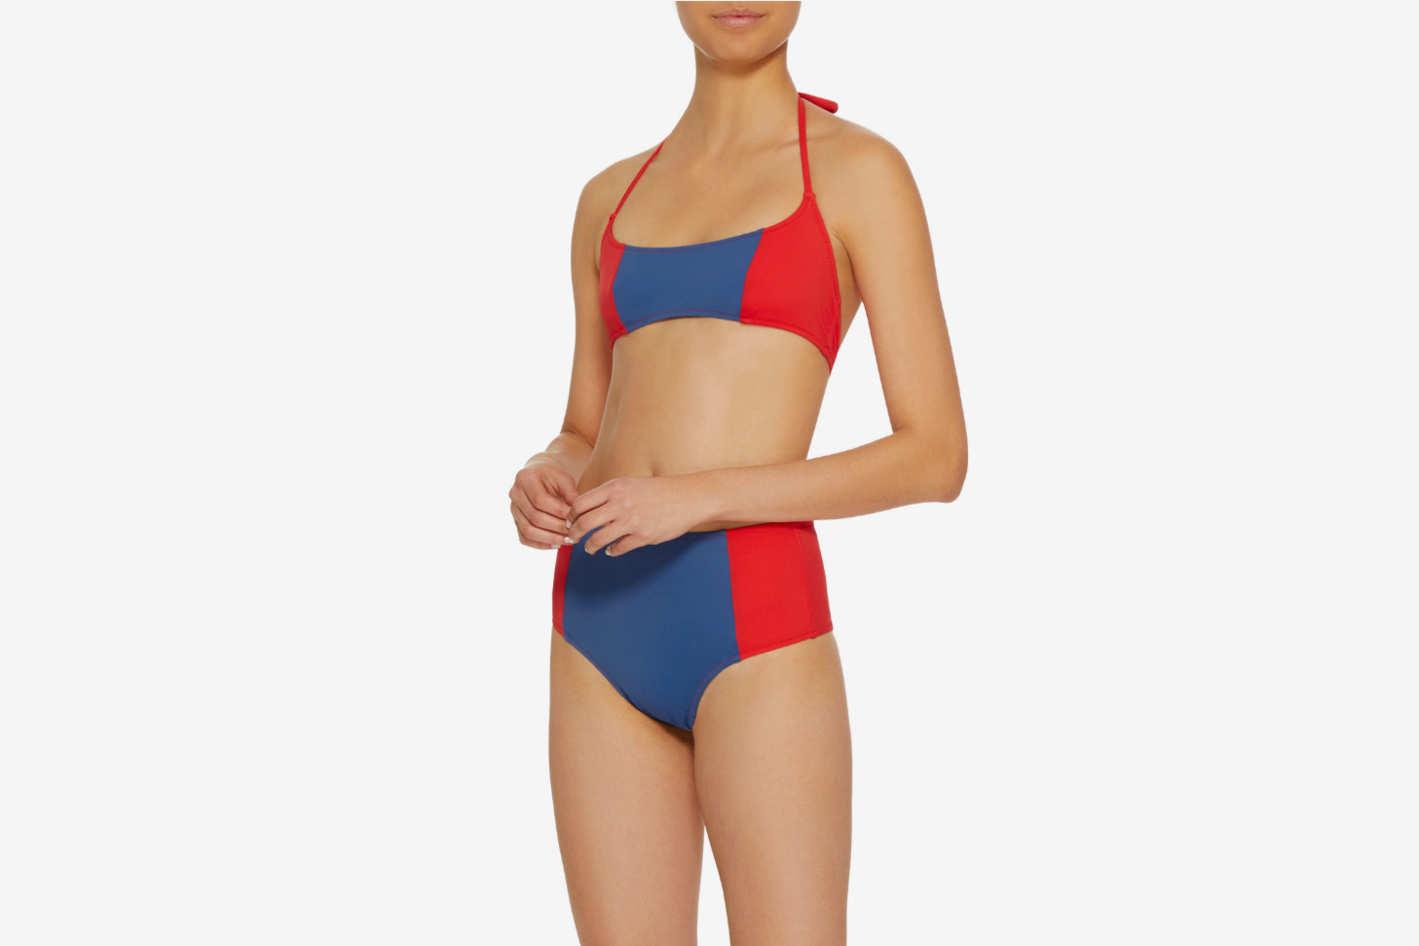 Solid & Striped Swim Team 2018 the Jessica Color-Block Bikini Top